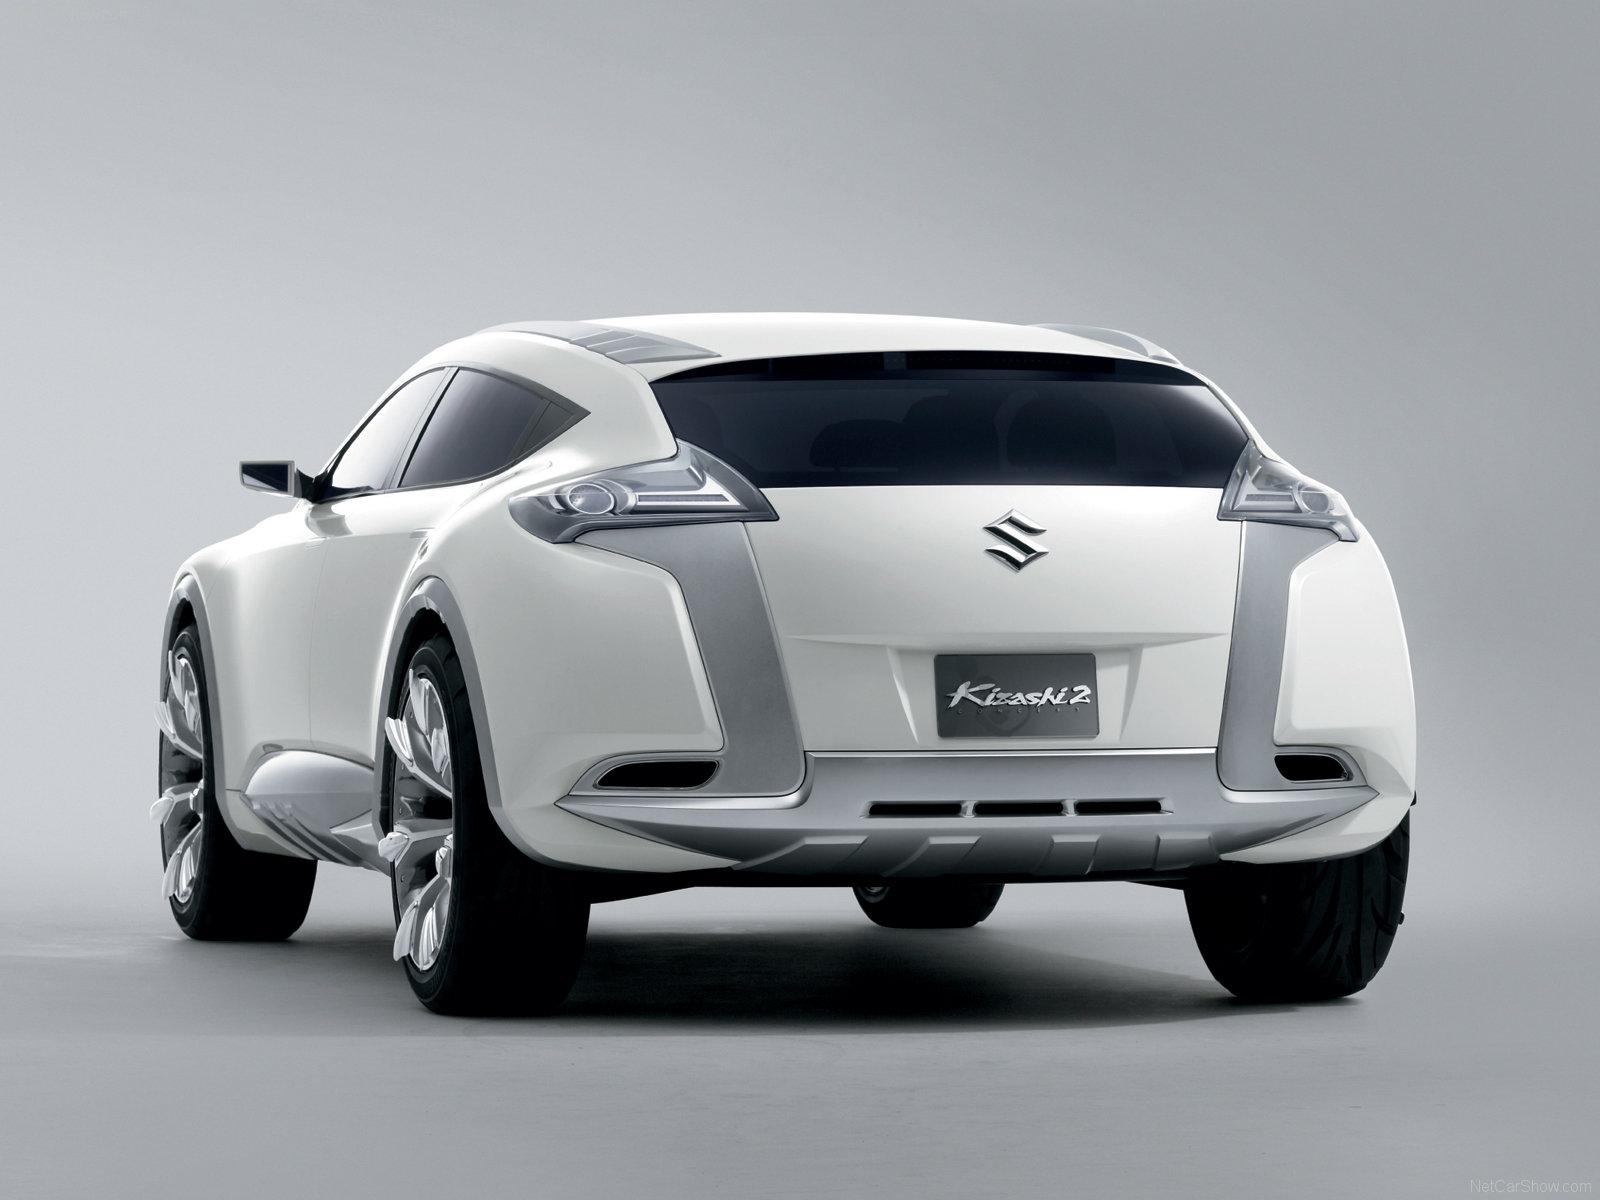 Hình ảnh xe ô tô Suzuki Kizashi 2 Concept 2007 & nội ngoại thất